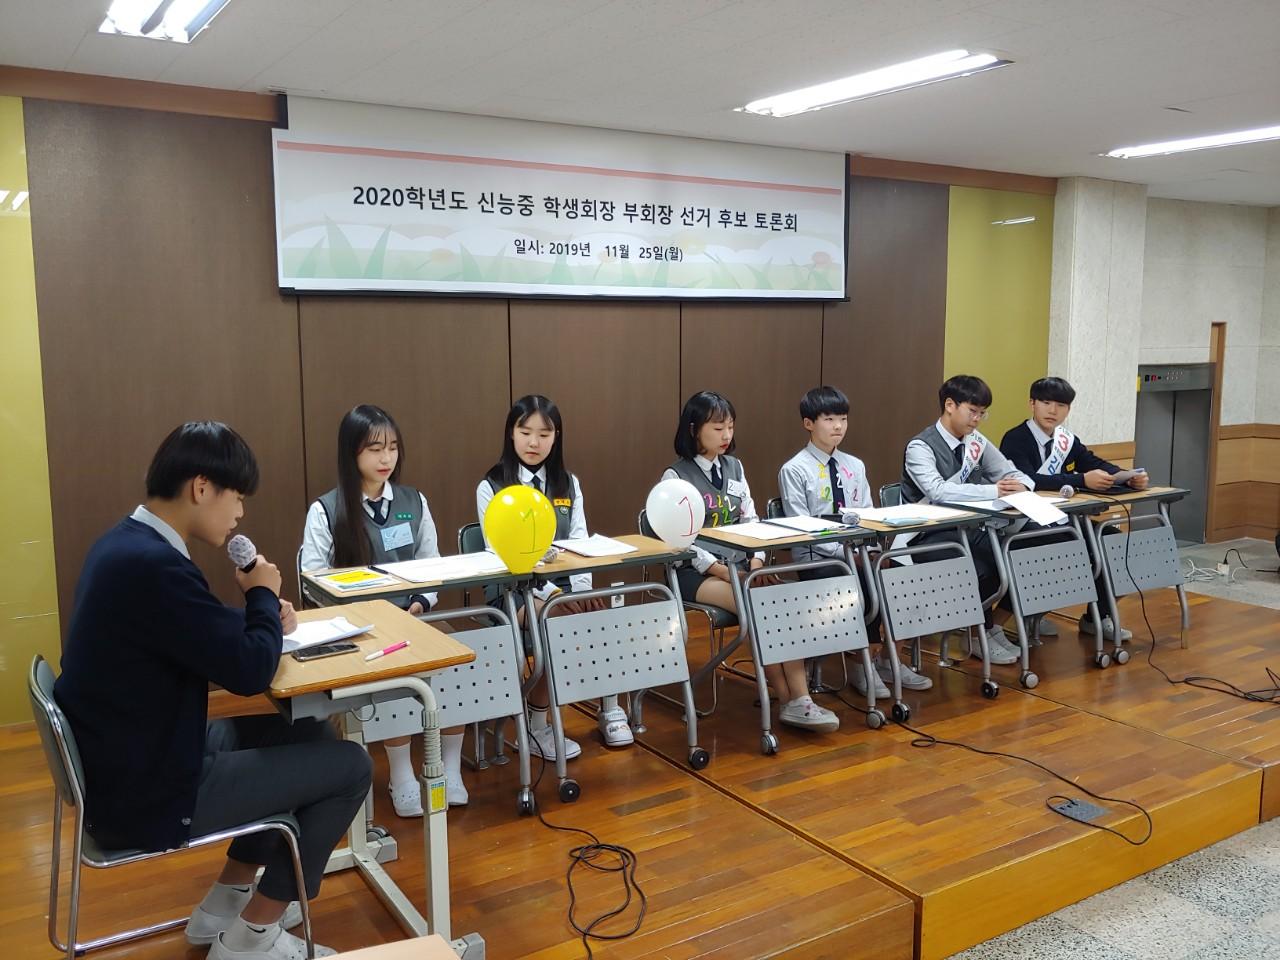 [일반] 2020학년도 신능중 학생회장·부회장 선거운동 및 후보 토론회의 첨부이미지 7